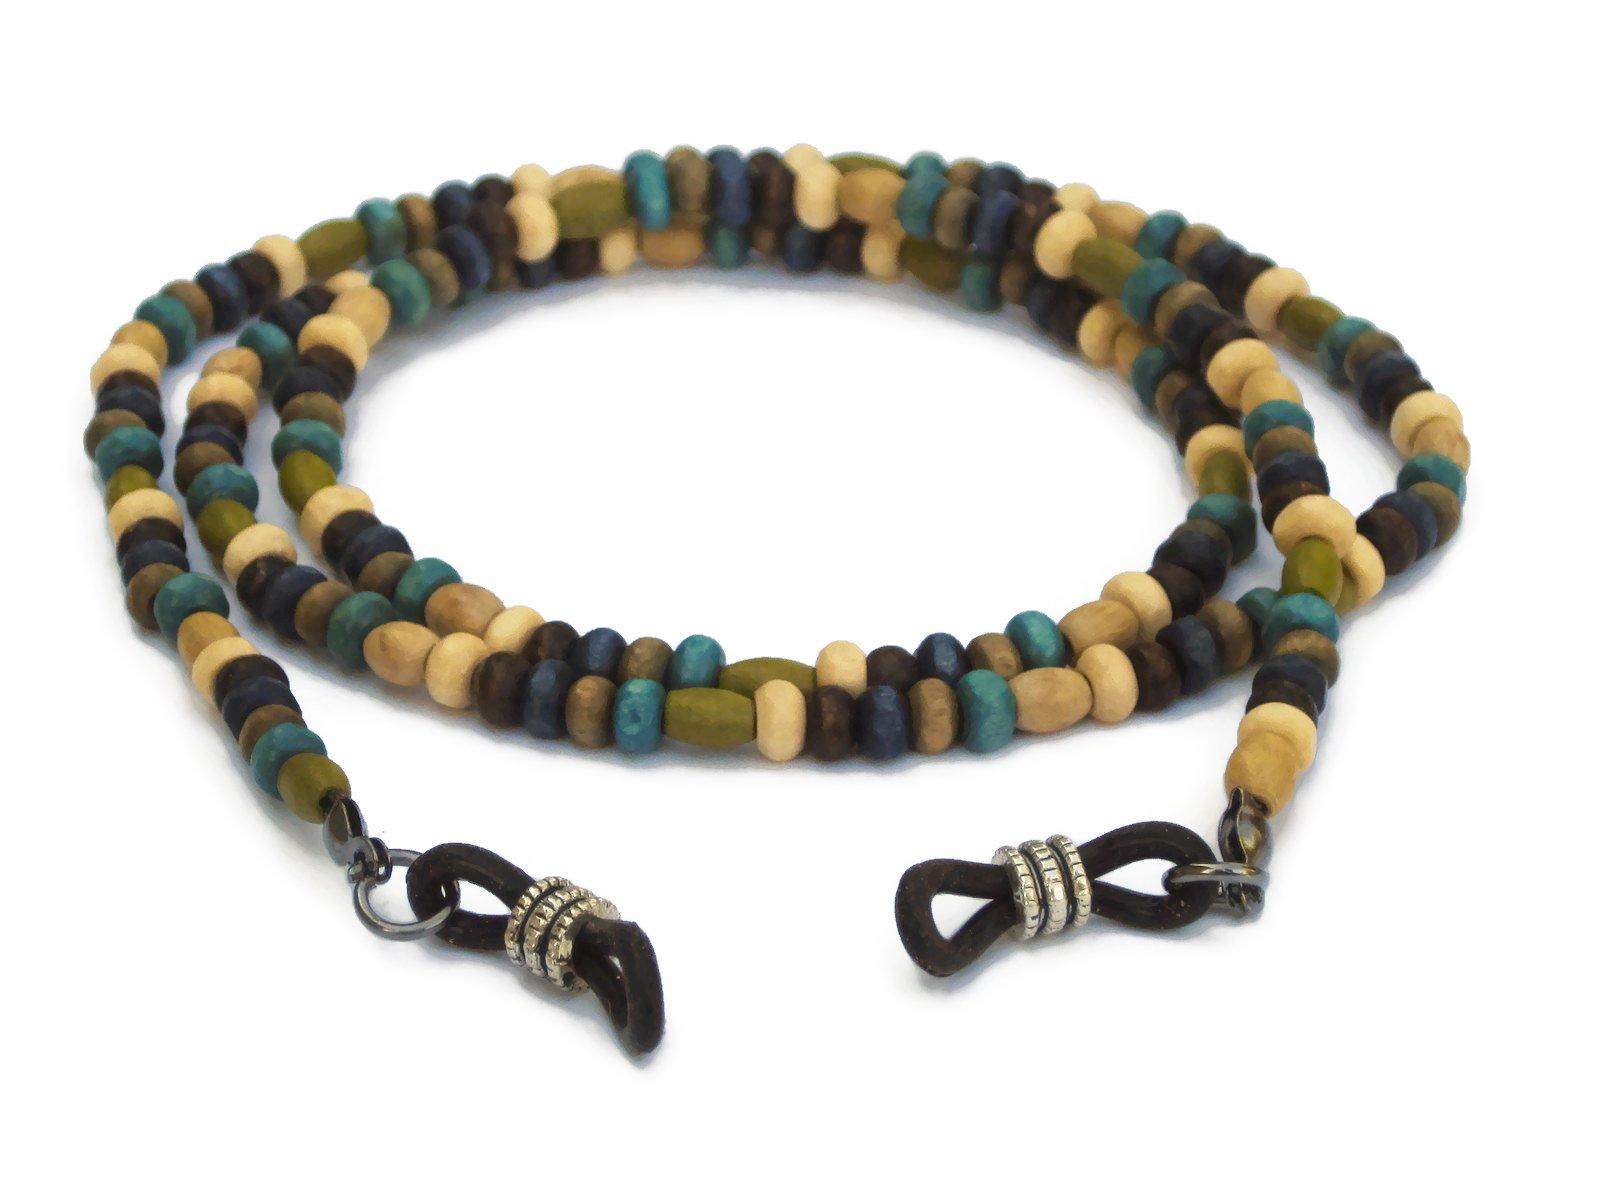 Eyeglass Chain, Beaded Holder for Reading Glasses, Sunglasses and Eyeglasses by Silk Rose